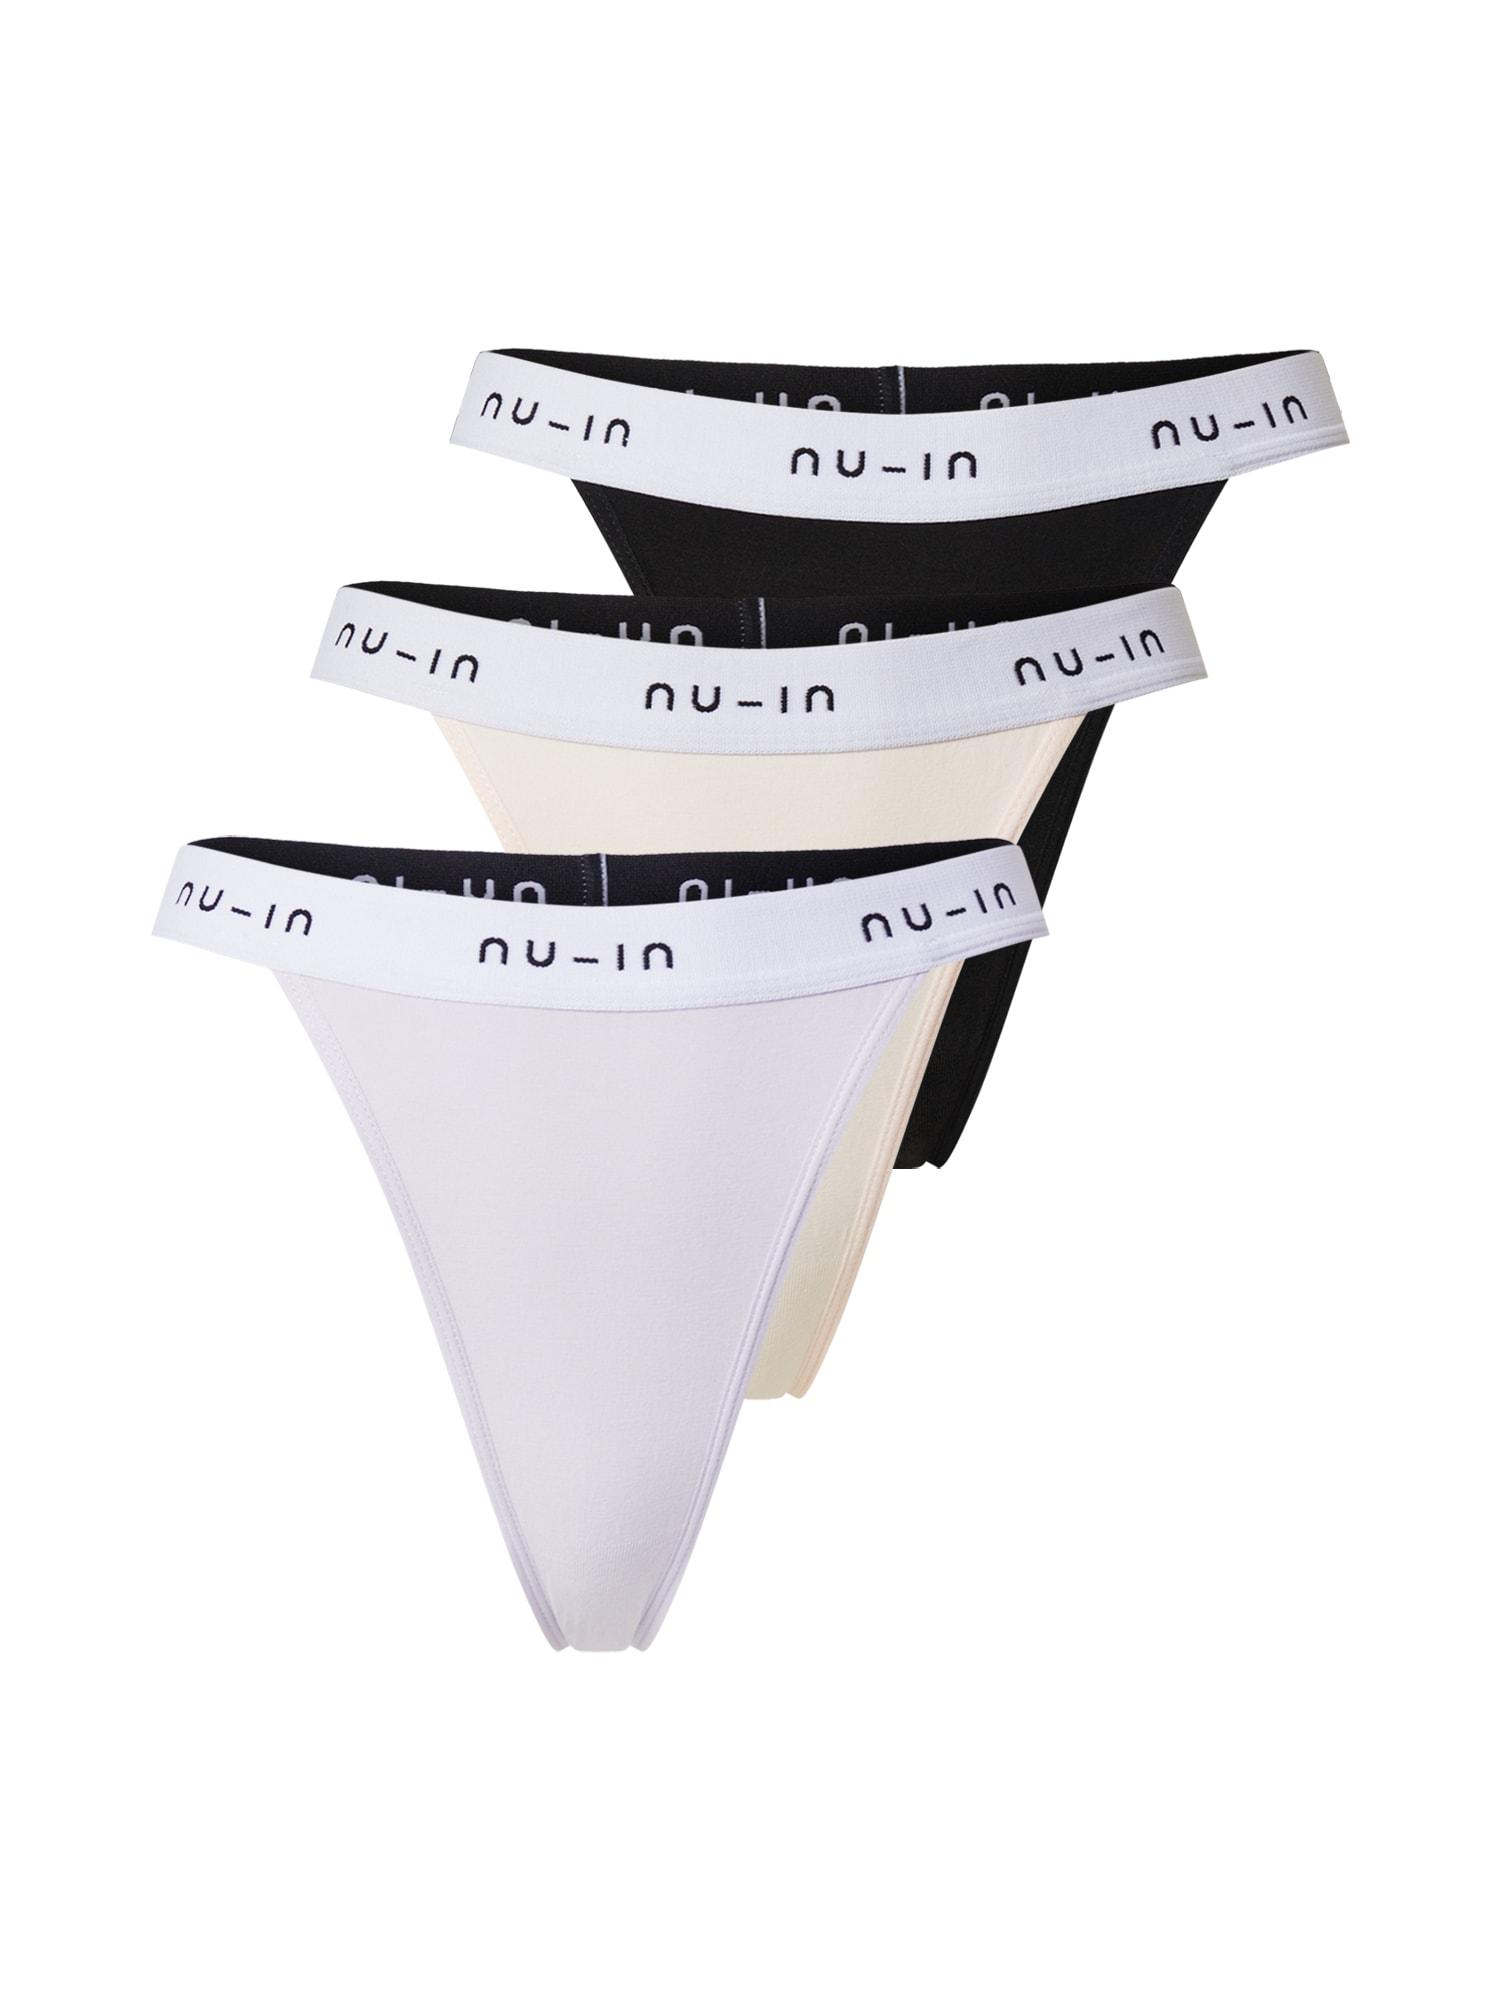 NU-IN Tanga  černá / šeříková / pastelově růžová / bílá